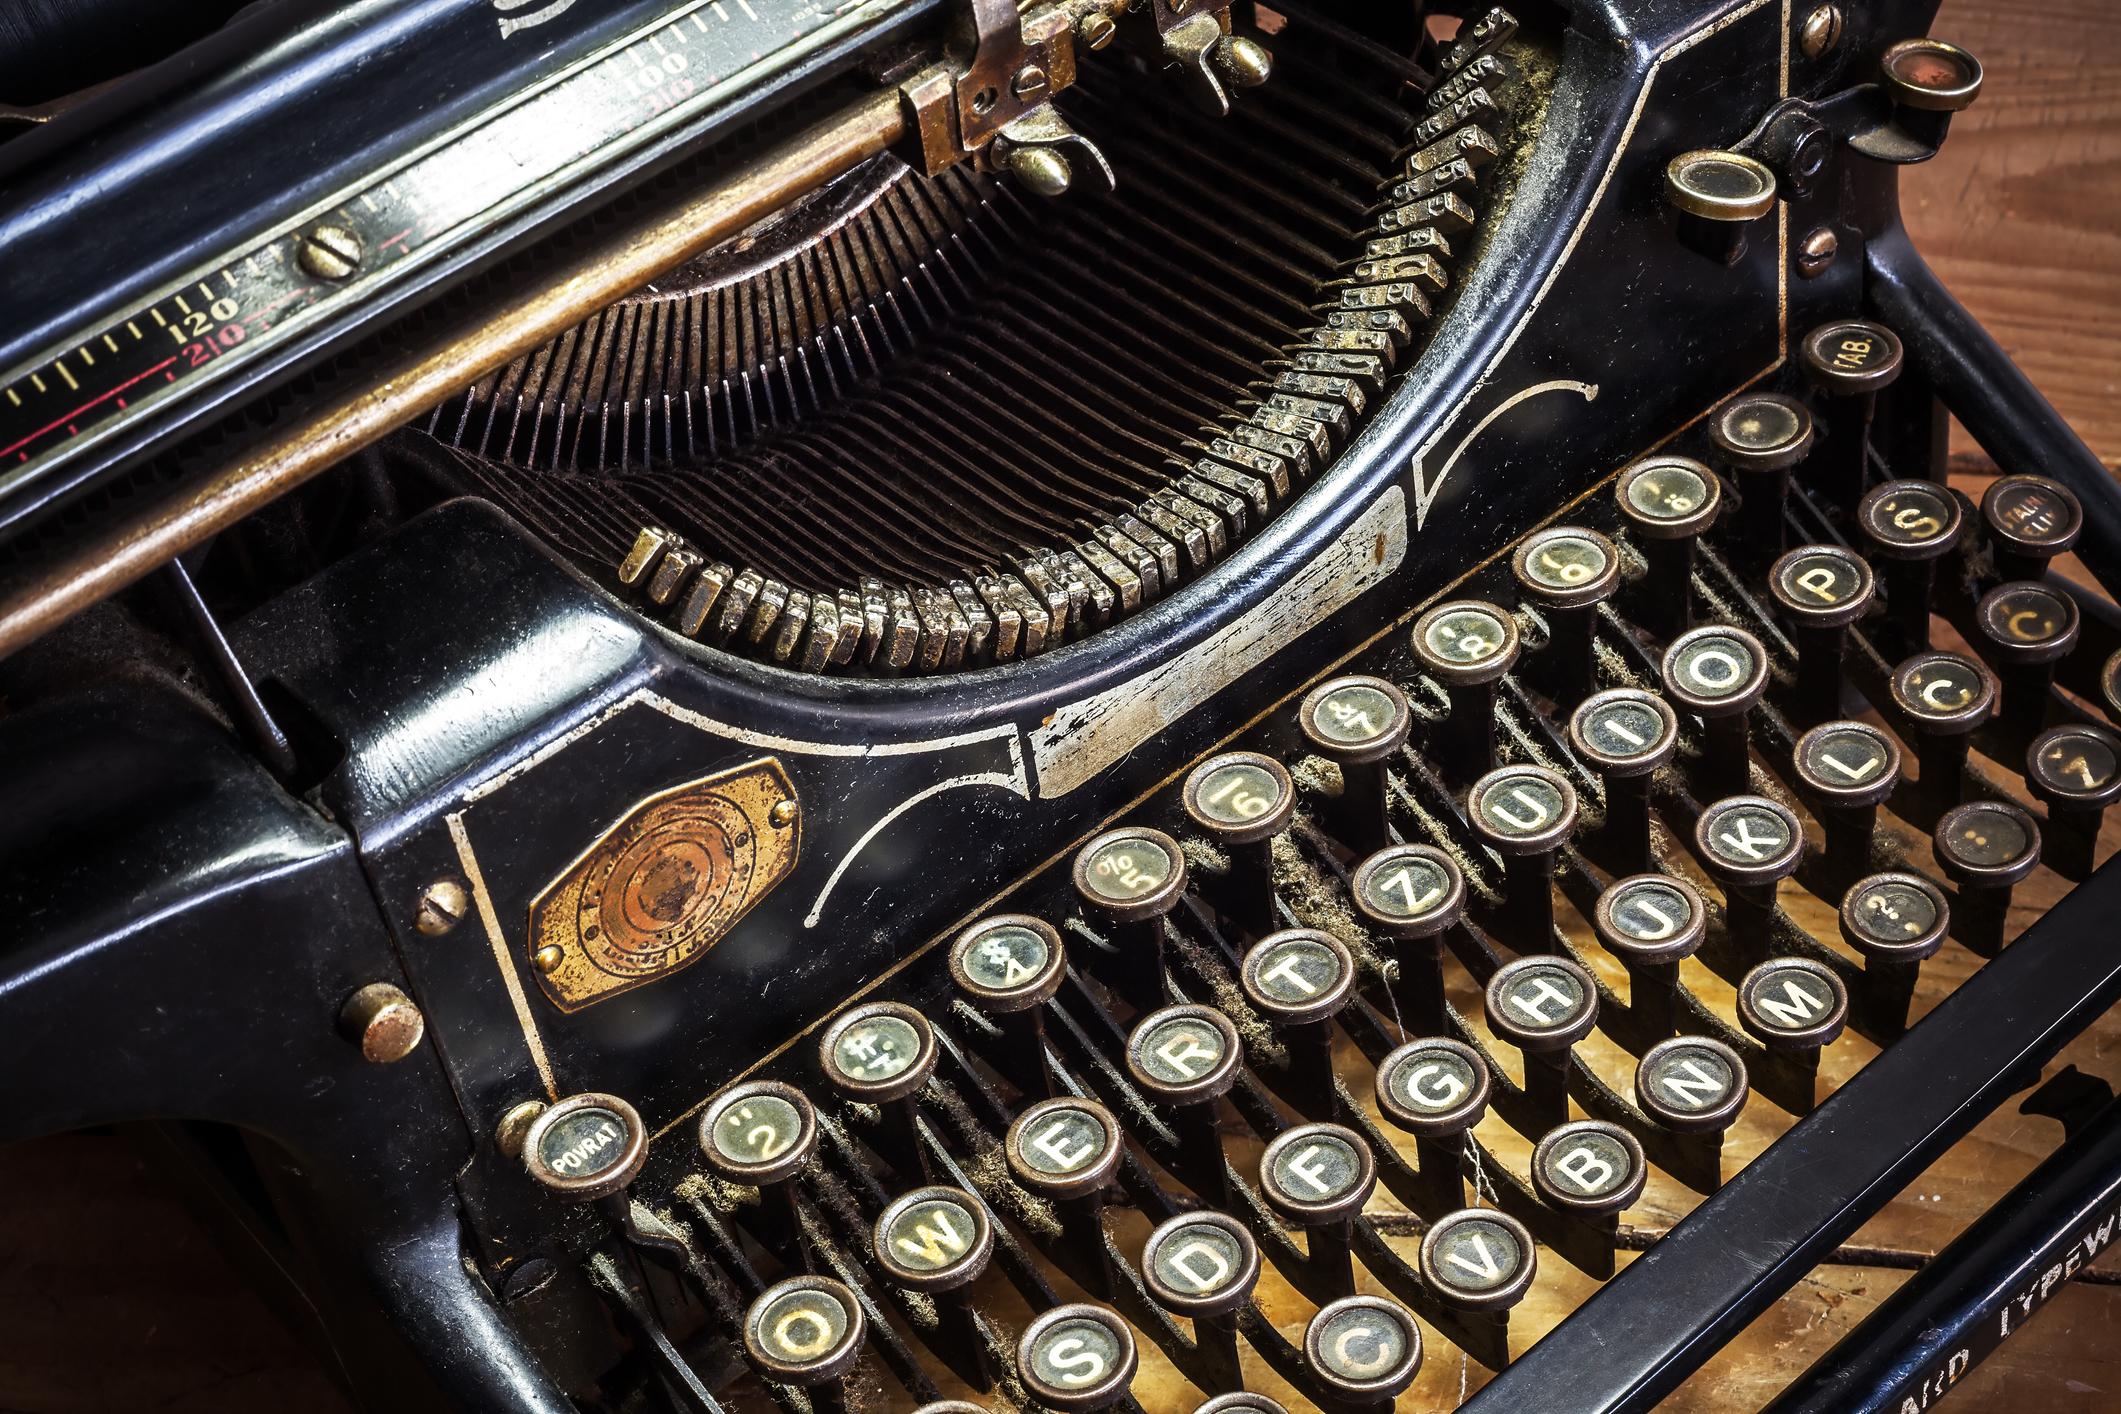 Vintage typewriter keyboard.